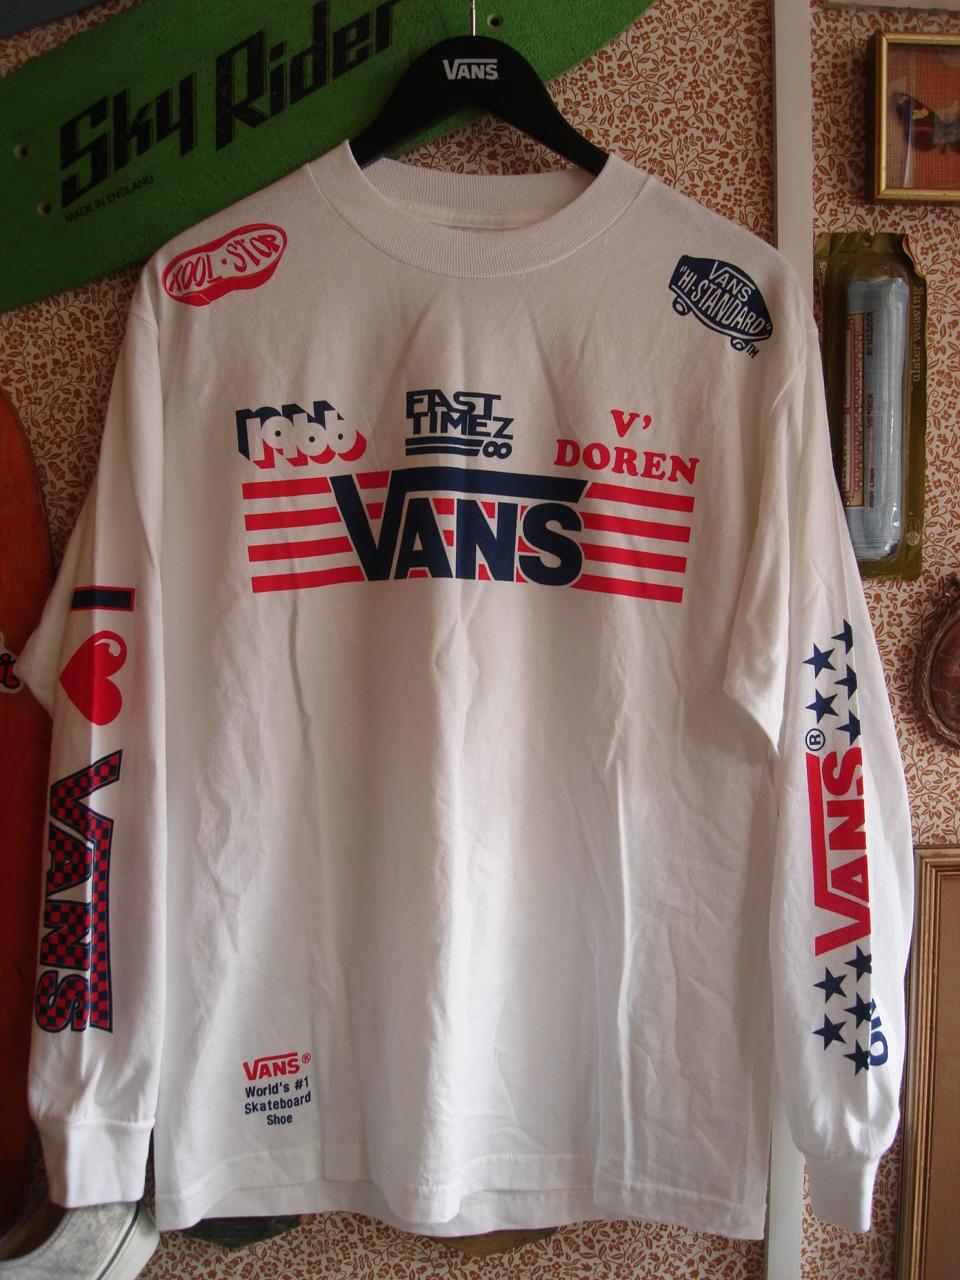 d01d75cd09b093 vans factory team t shirt   Come and stroll!